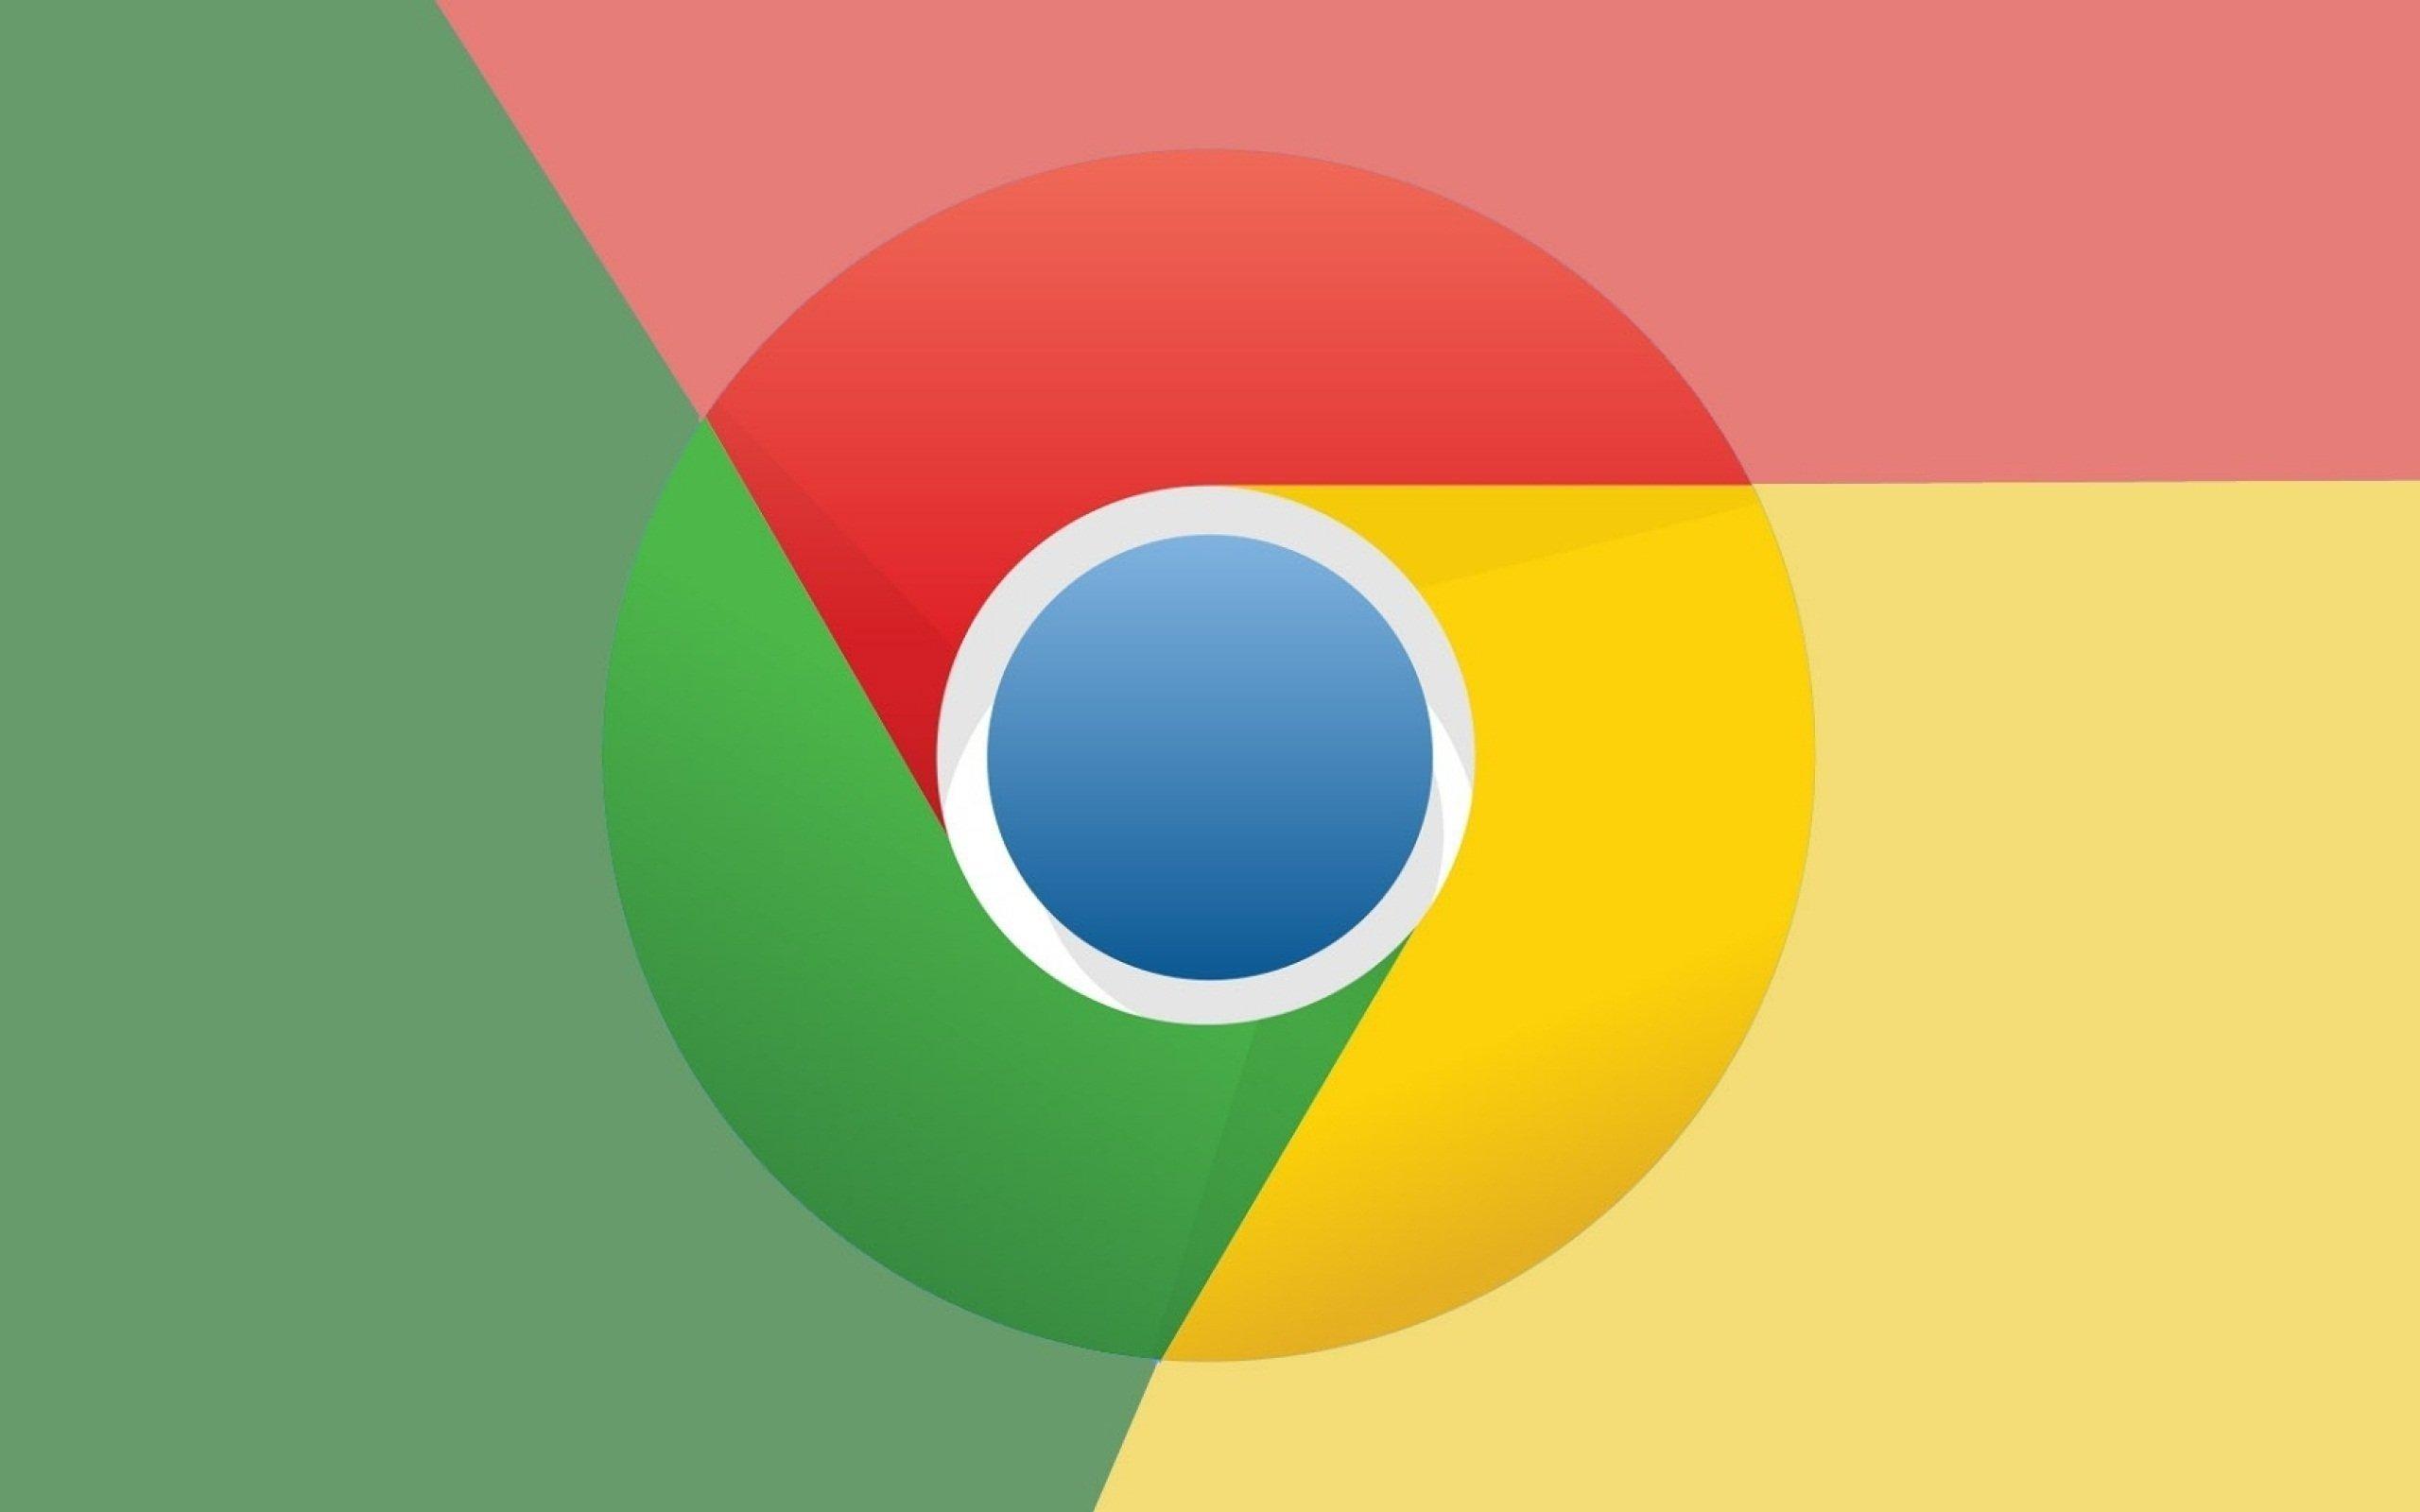 Como o Google anti-adblock vai afetar navegadores baseados